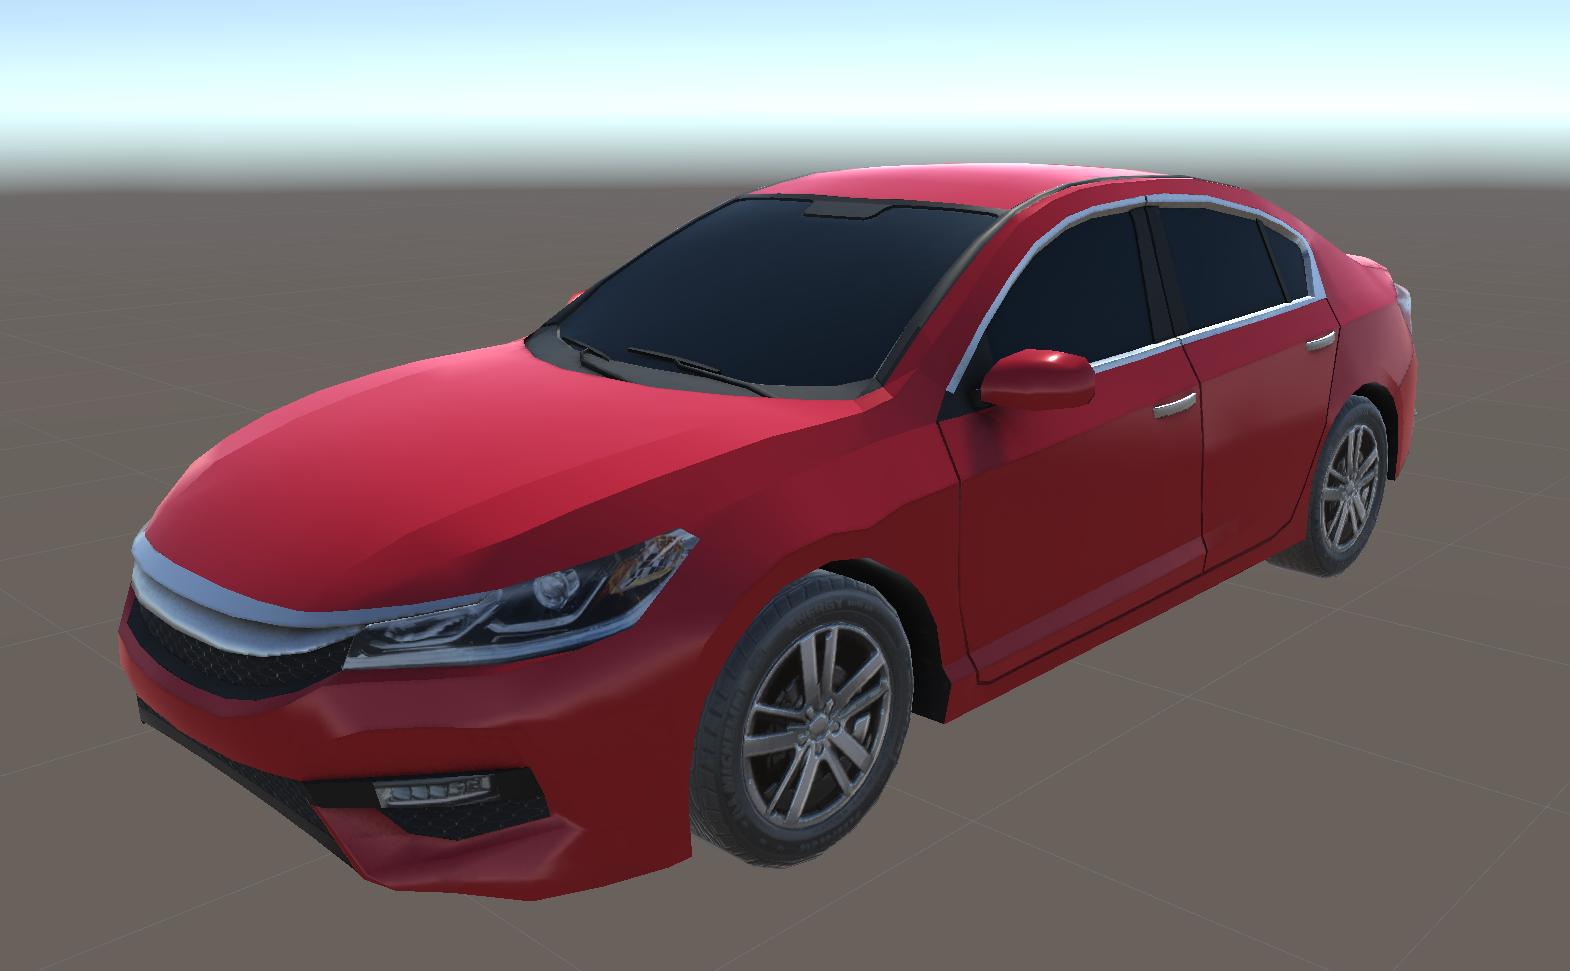 Car4_Persp